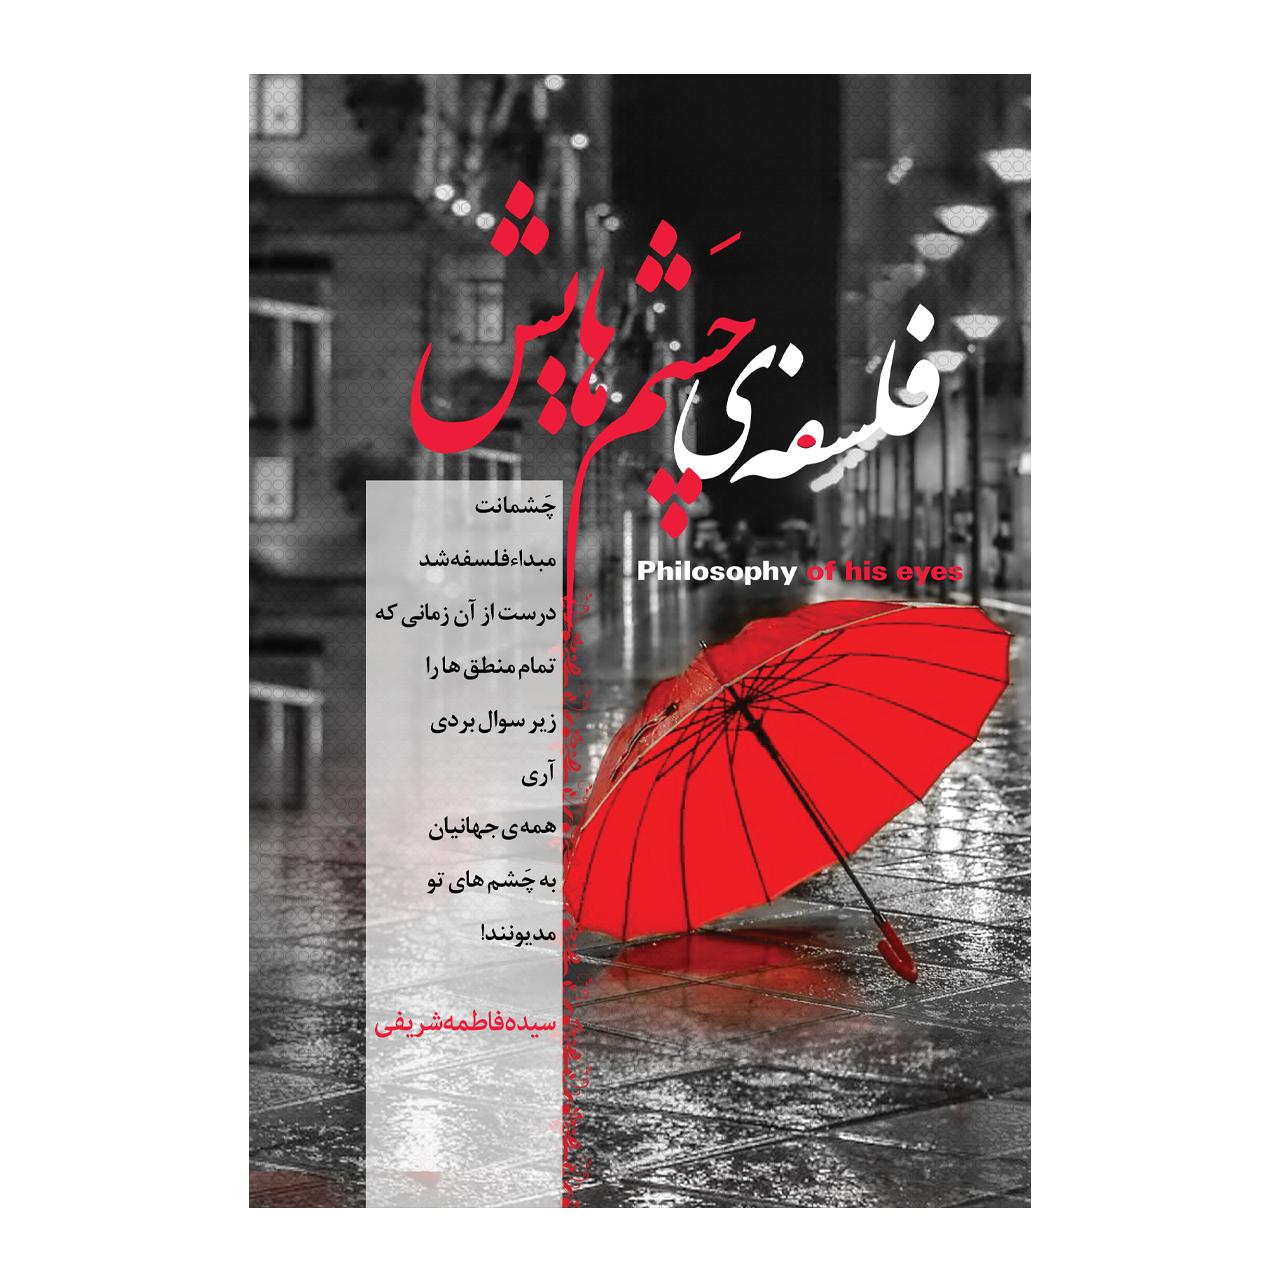 کتاب فلسفه چشم هایش اثر سیده فاطمه شریفی